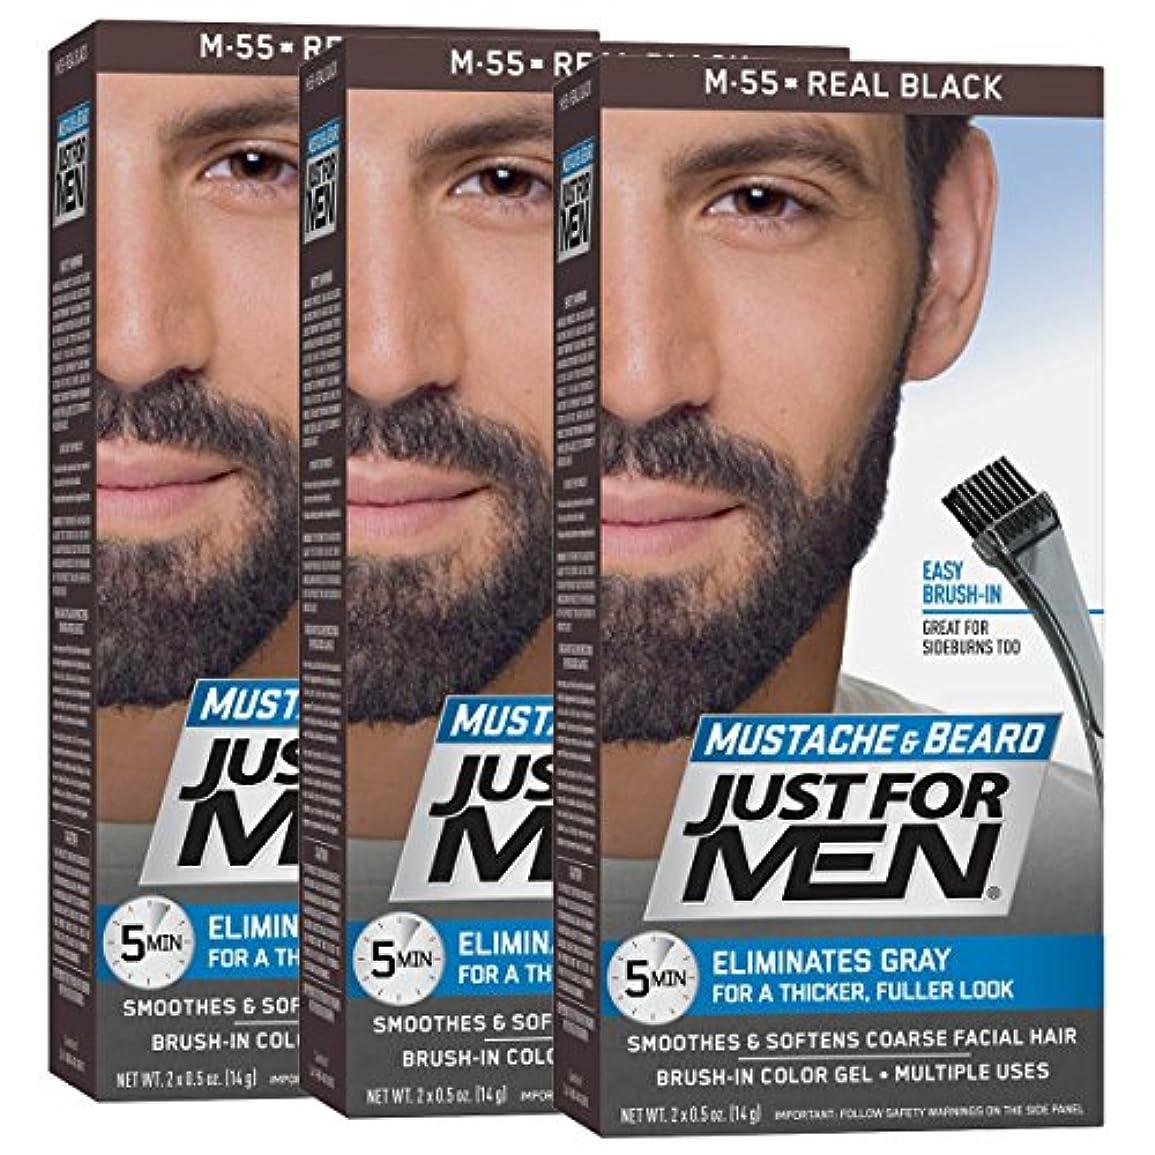 配送保全必須Just for Men 口ひげ&髭ブラシ-のカラージェル、レアル?ブラック(3パック、パッケージングは??変更になる場合があります)